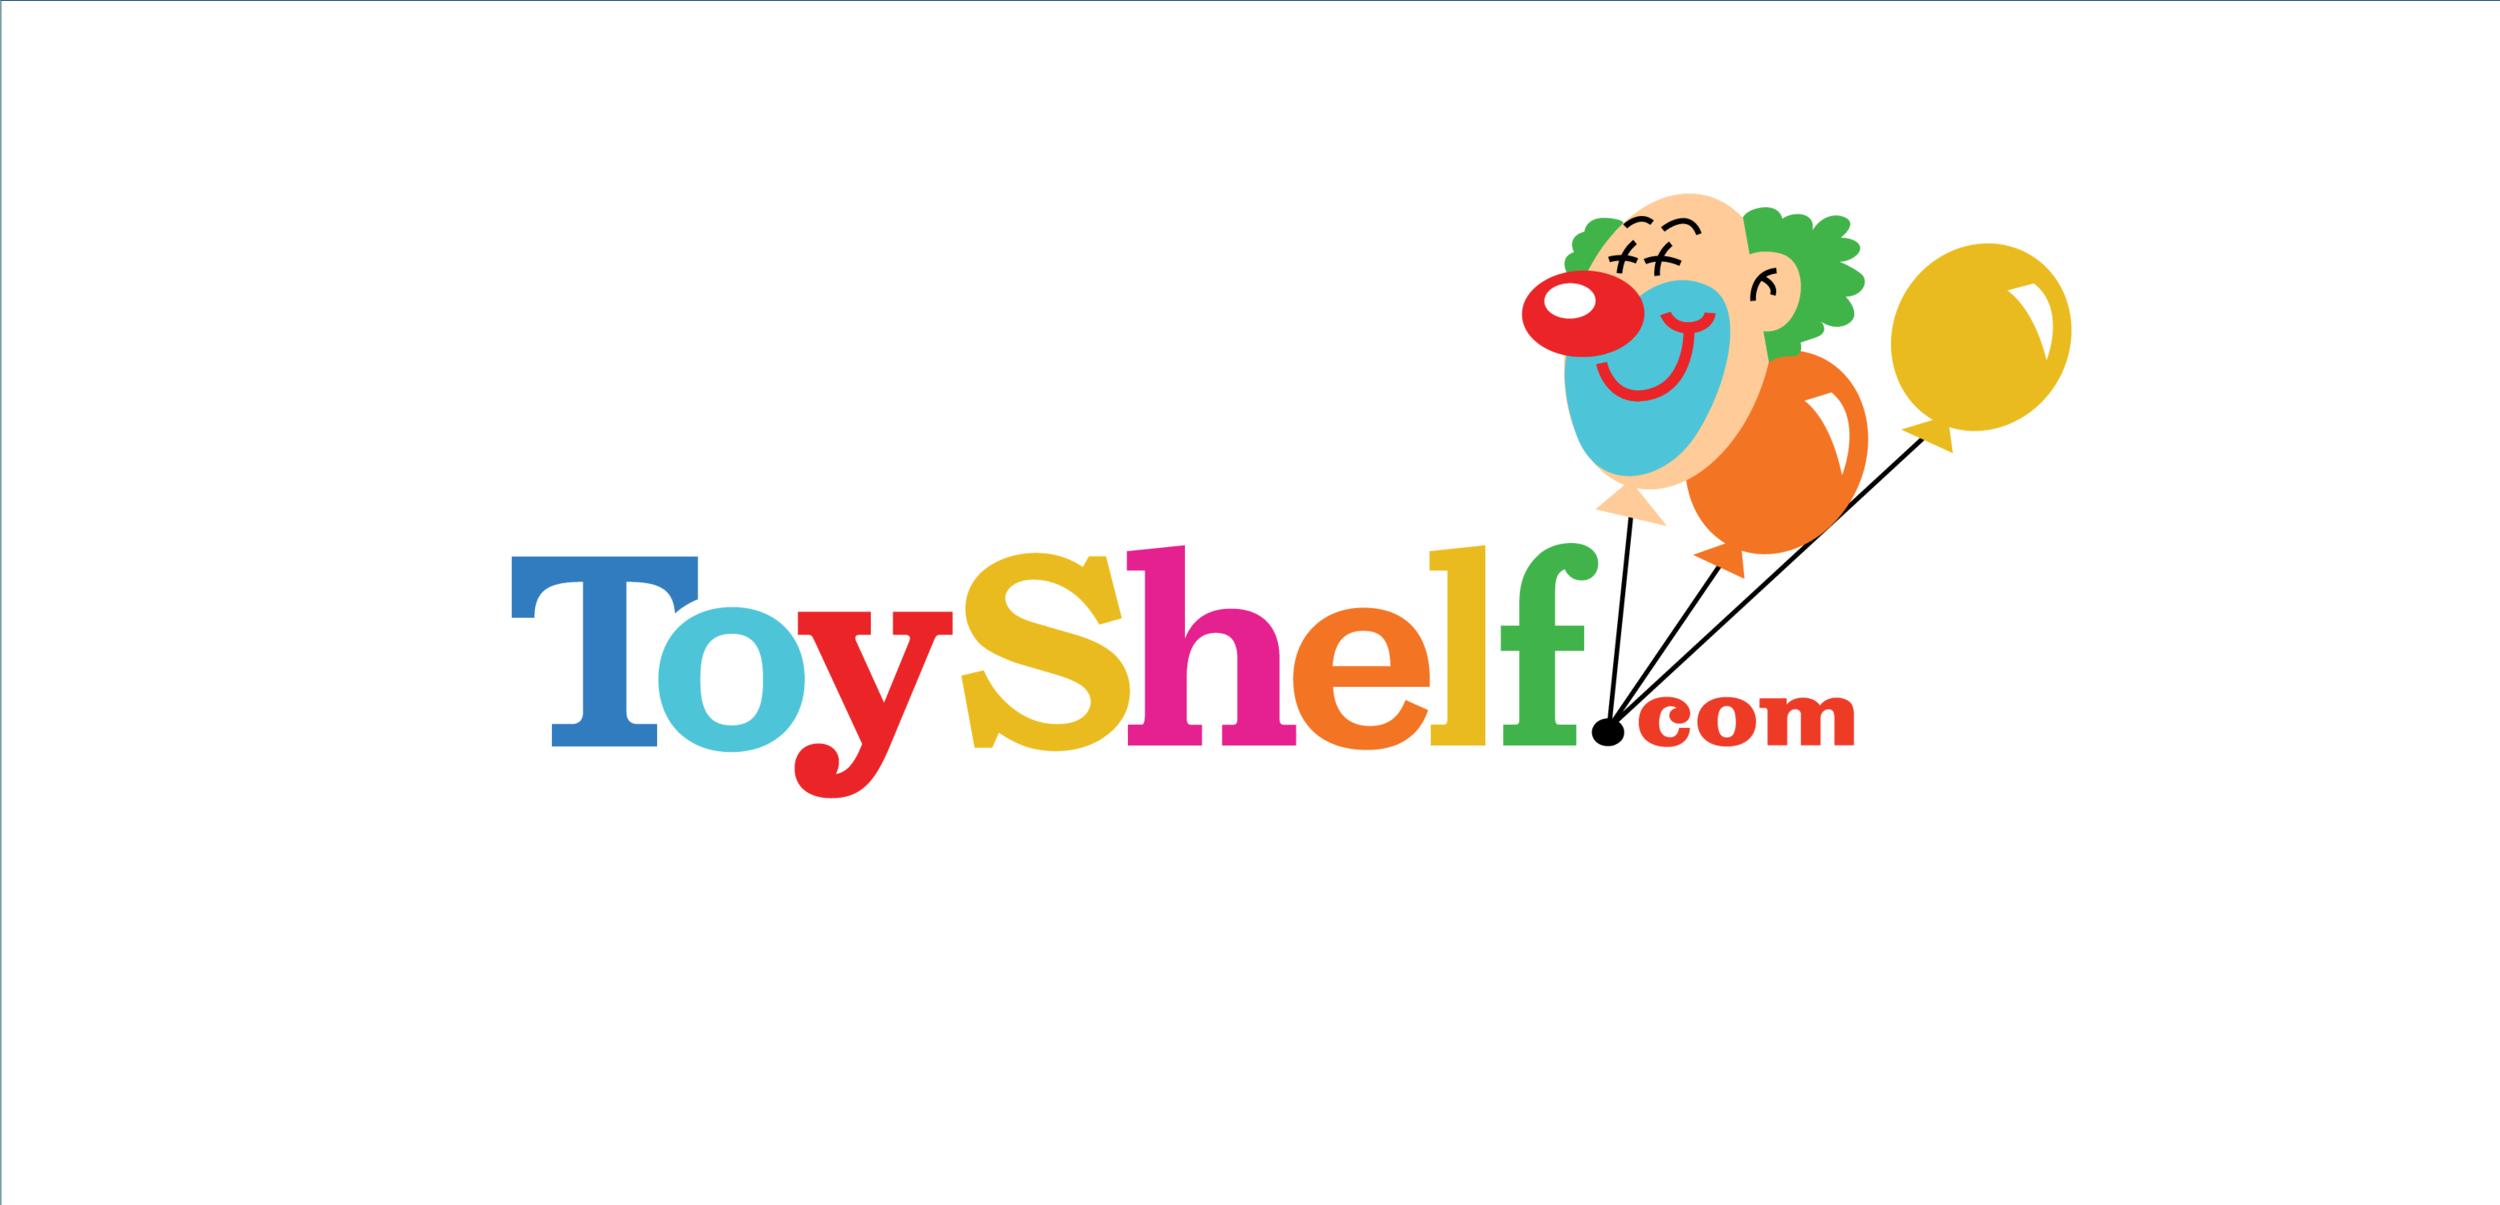 logos-wide-toyshelf-2.png